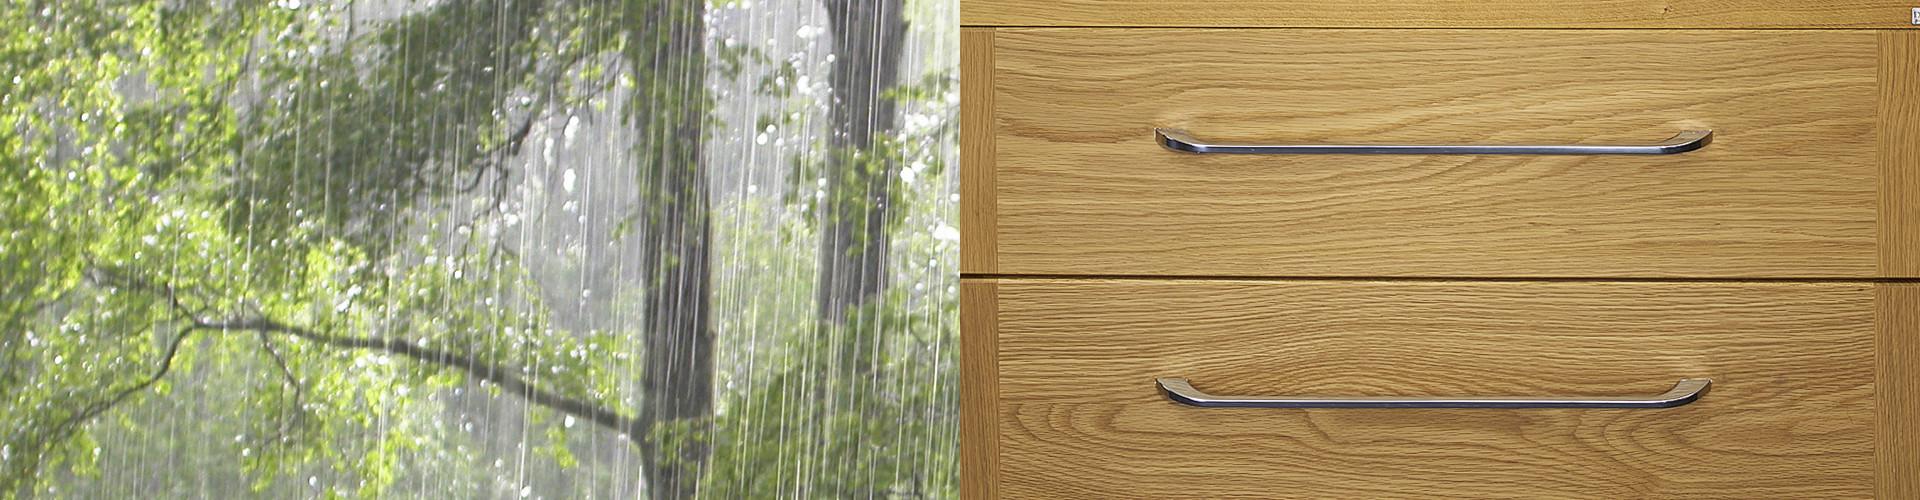 Badrumsinredning, badrumsmöbler & badrumstillbehör från duobad